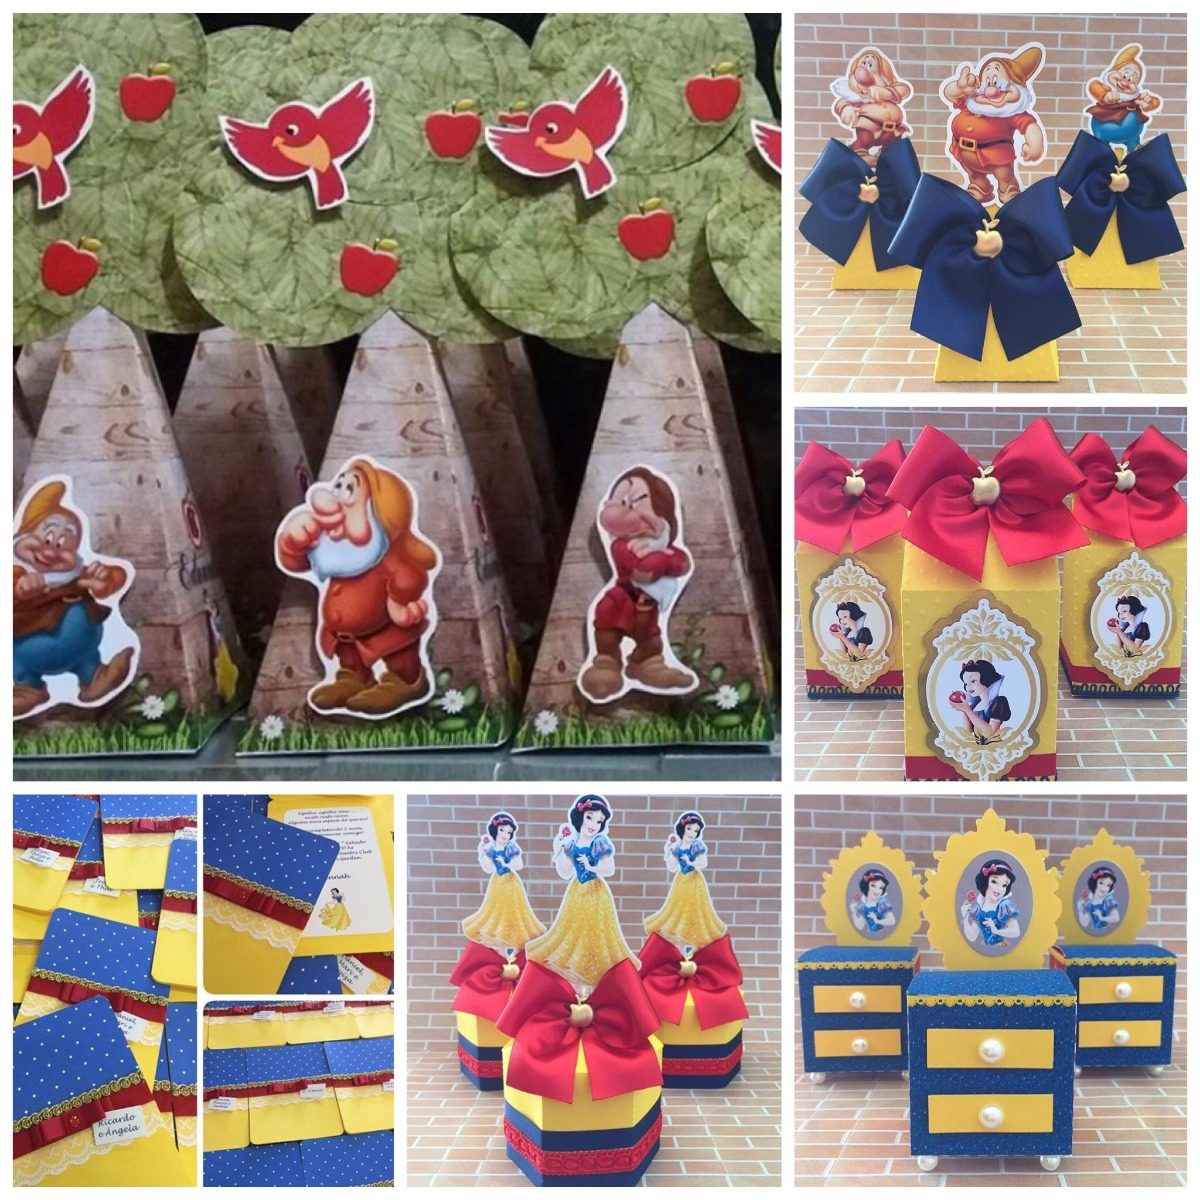 047  Kit Digital Branca De Neve Arquivos Corte Silhouette - R  15,00 em  Mercado Livre c2bee93408